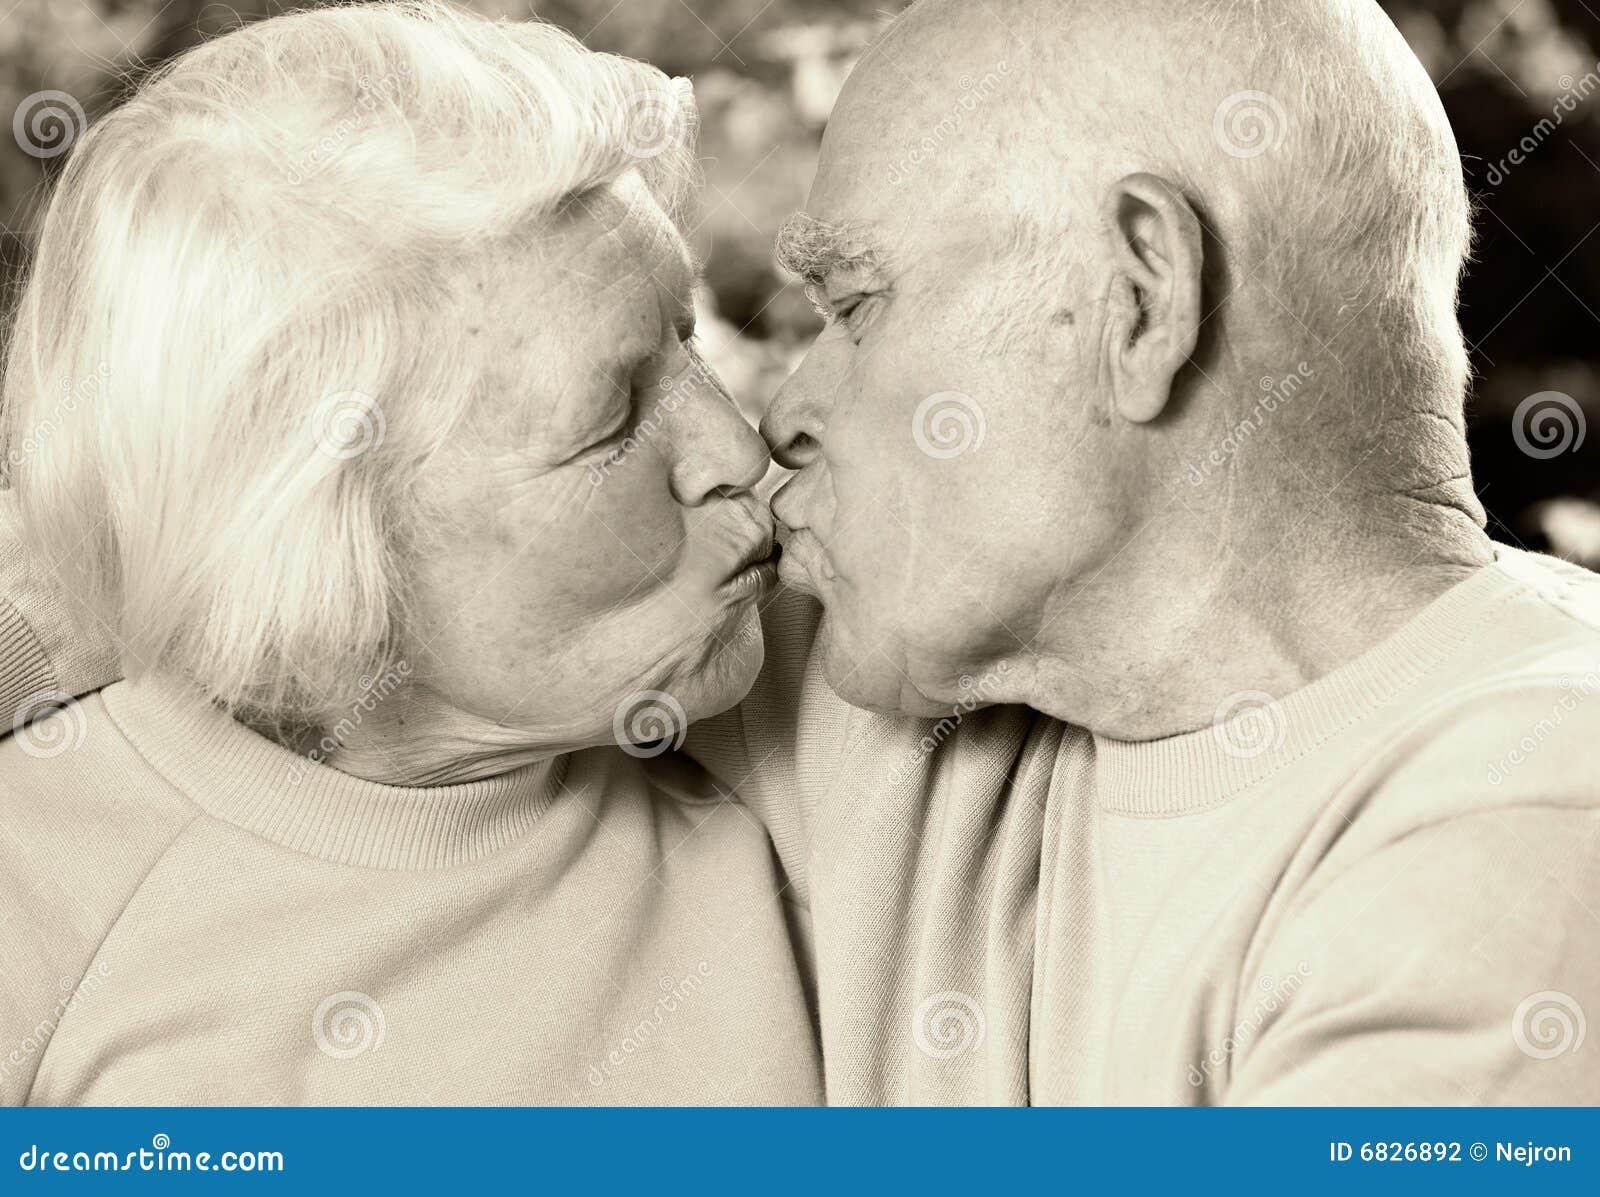 Старик ебет проститутку, Старик и молодая шлюха -видео. Смотреть Старик 26 фотография